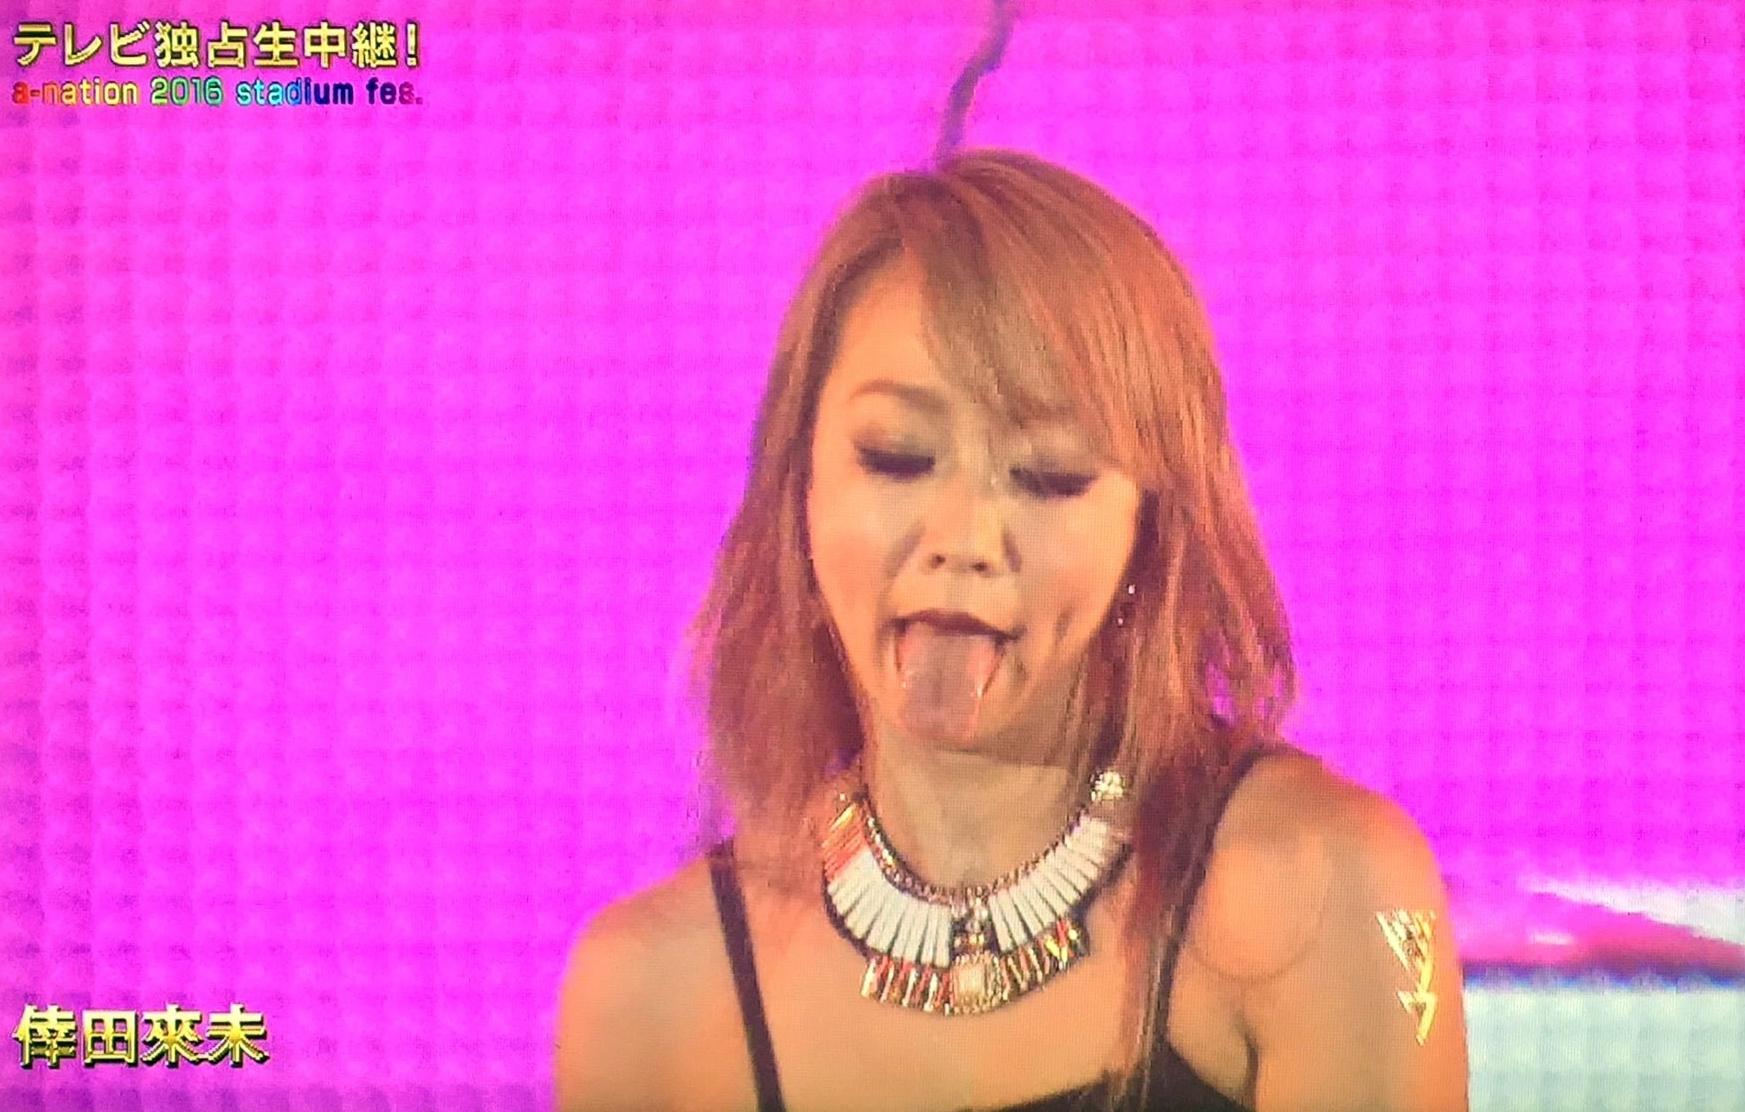 倖田來未の舌出し (3)